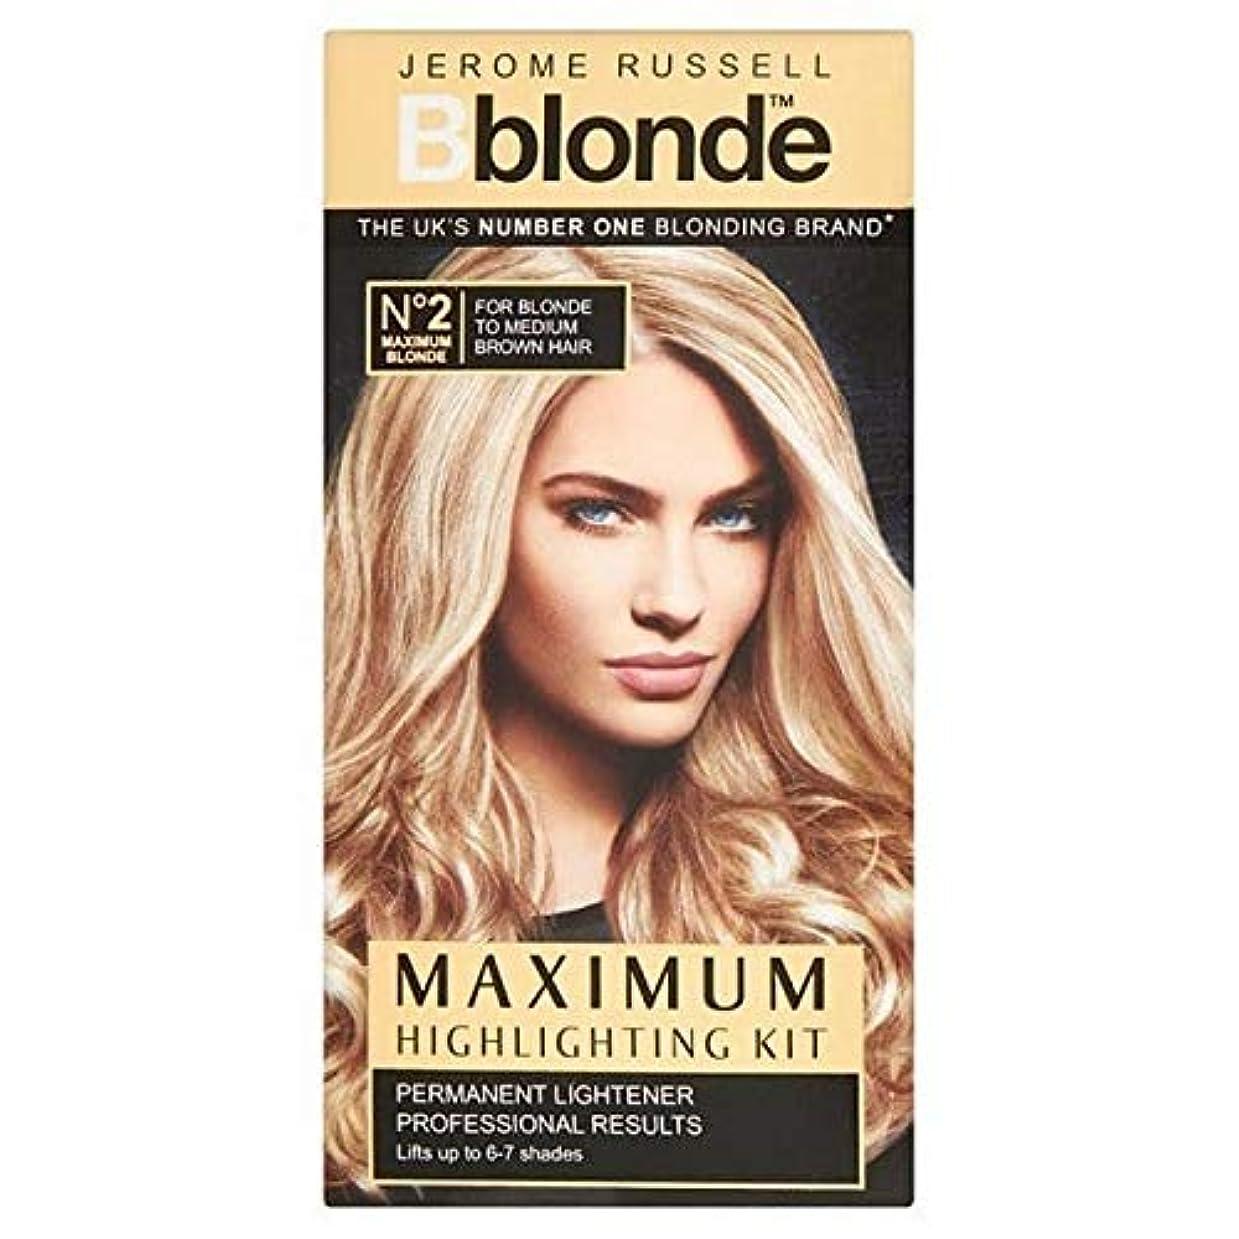 チェリーバックグラウンド必要としている[B Blonde] ジェロームラッセルBblondeなし2最大のハイライトキット - Jerome Russell Bblonde No 2 Maximum Highlighting Kit [並行輸入品]